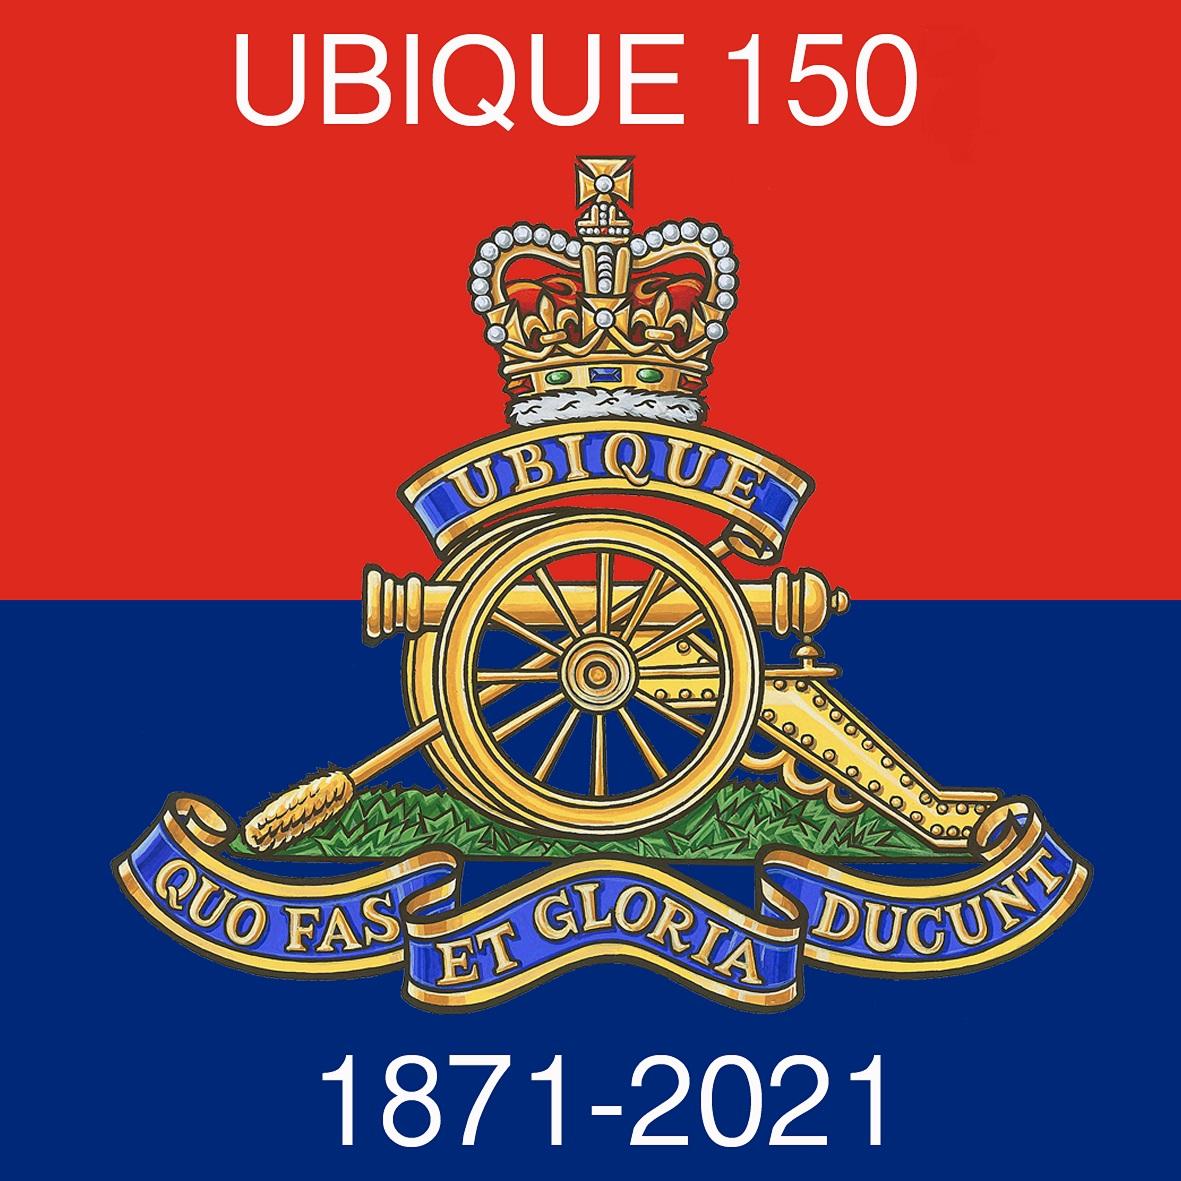 Ubique150 Insignia